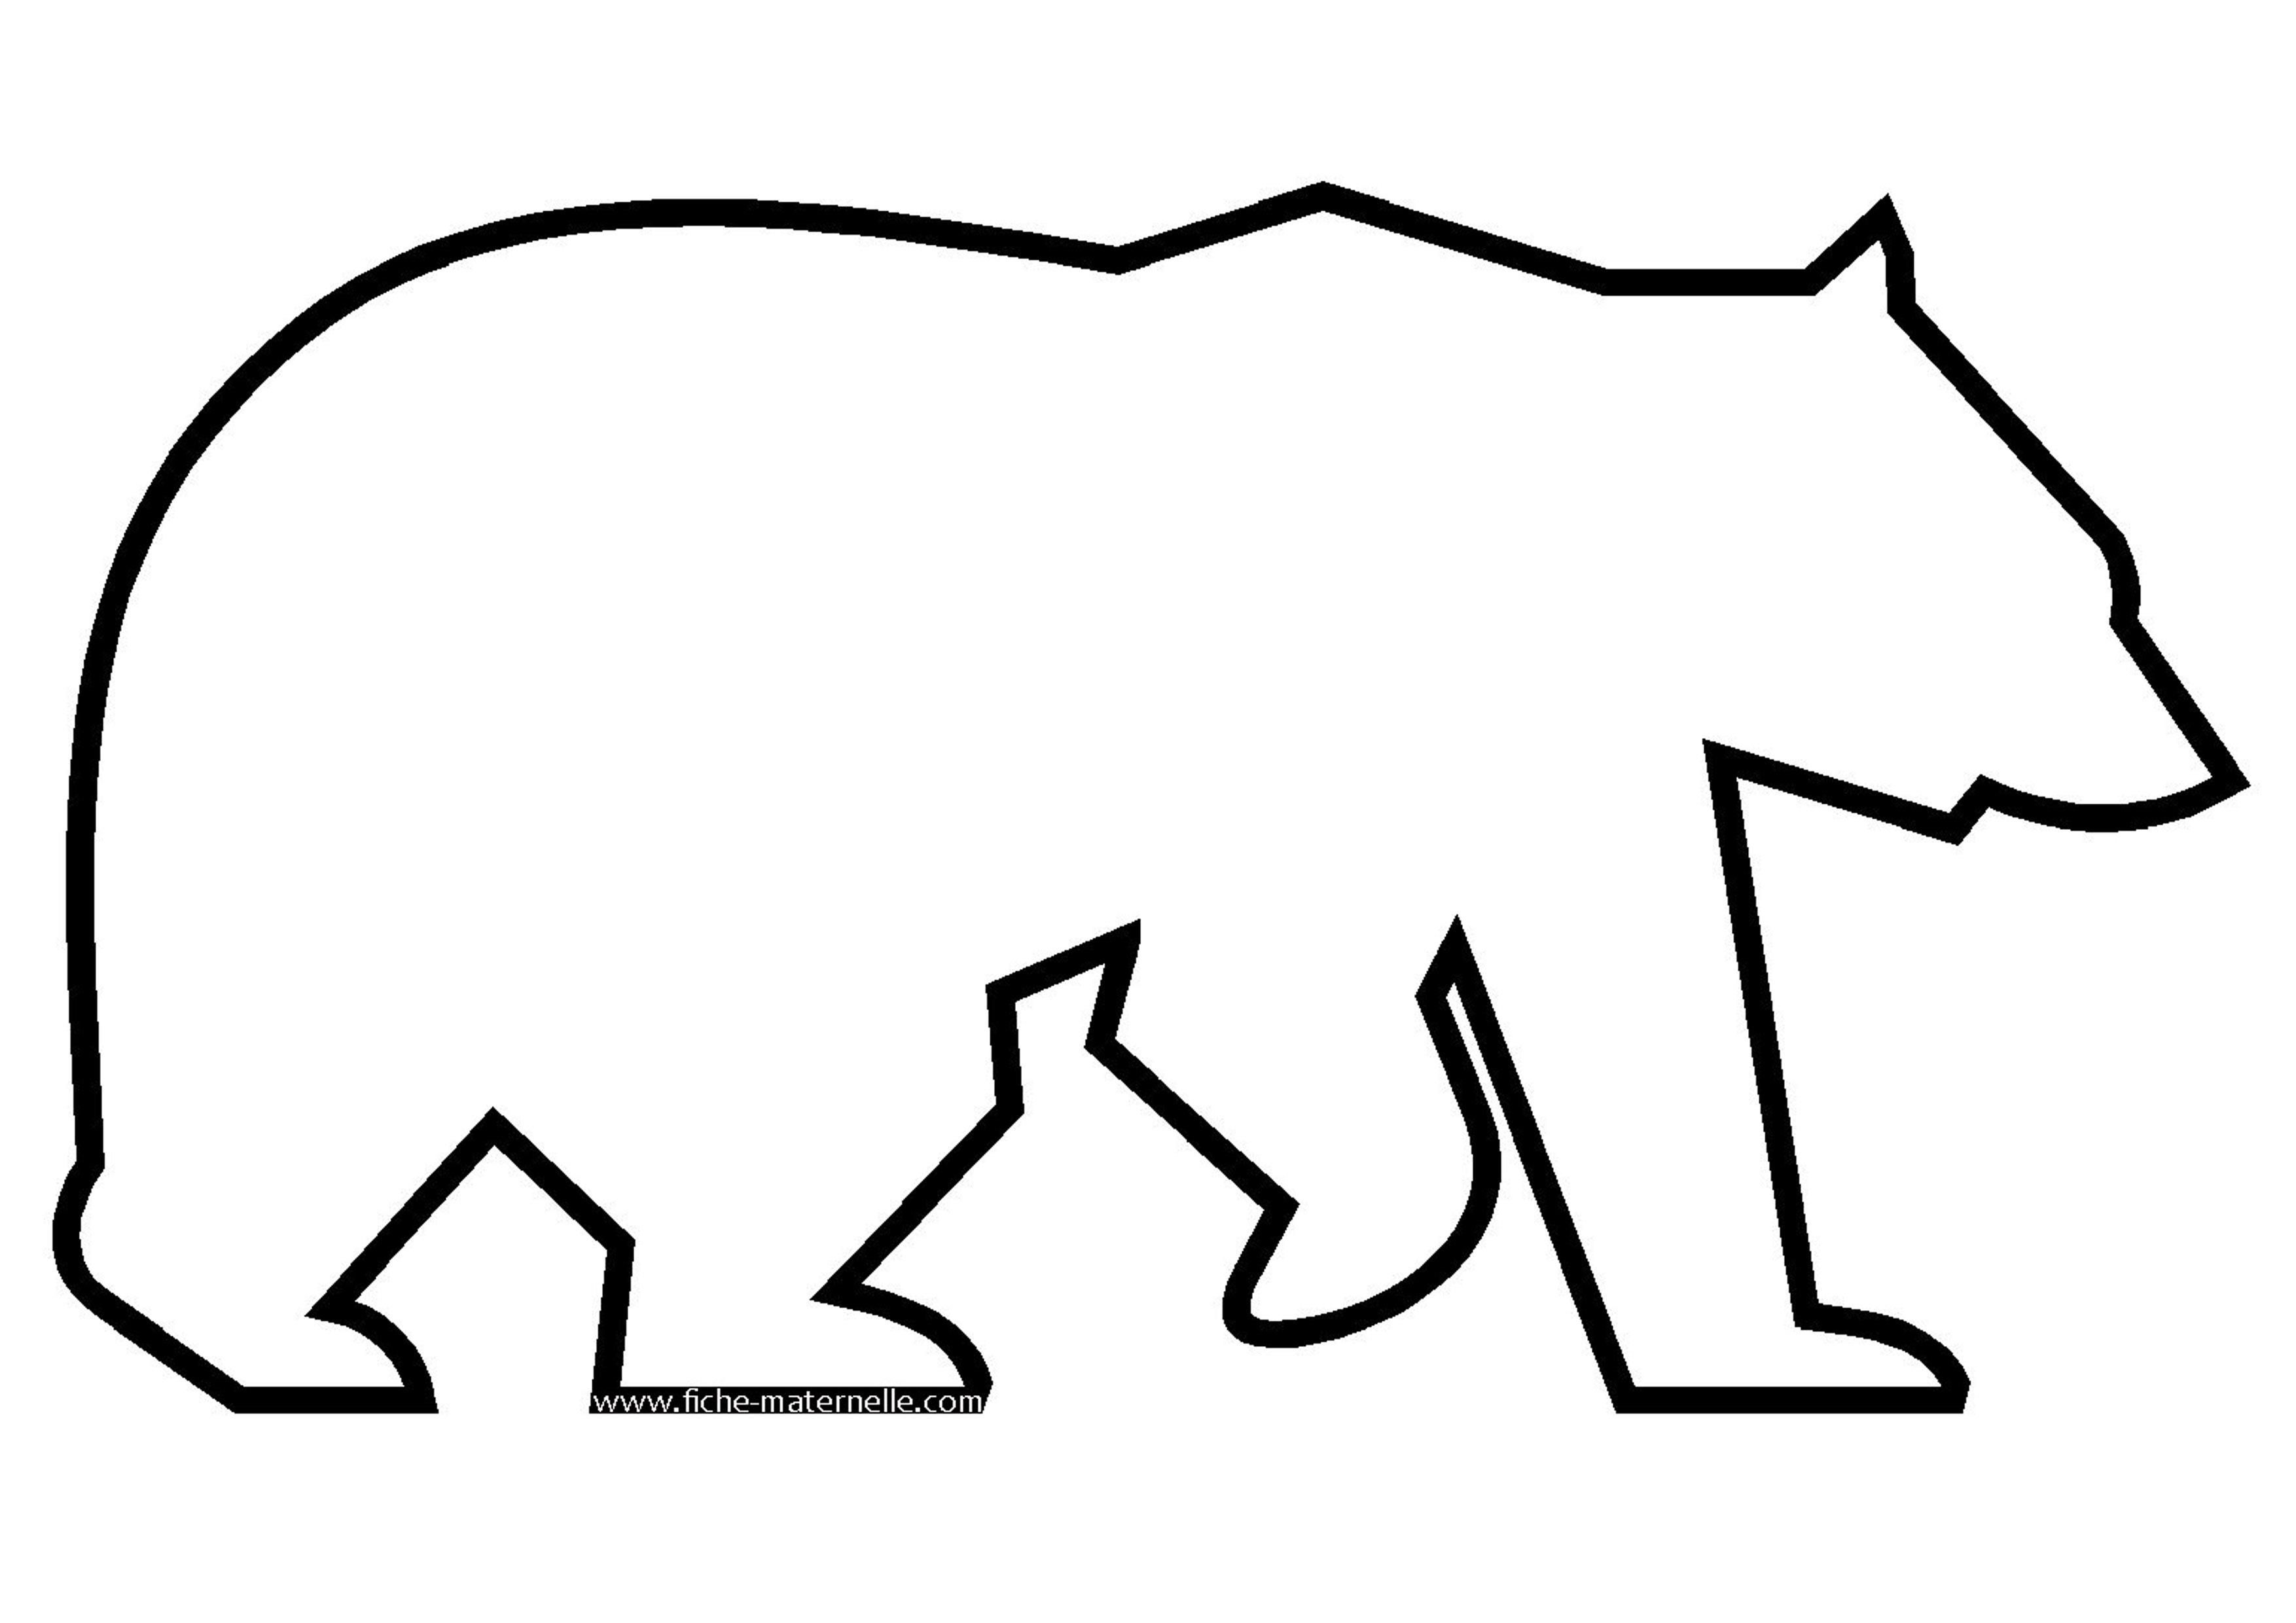 Coloriage - Dessin d un ours ...